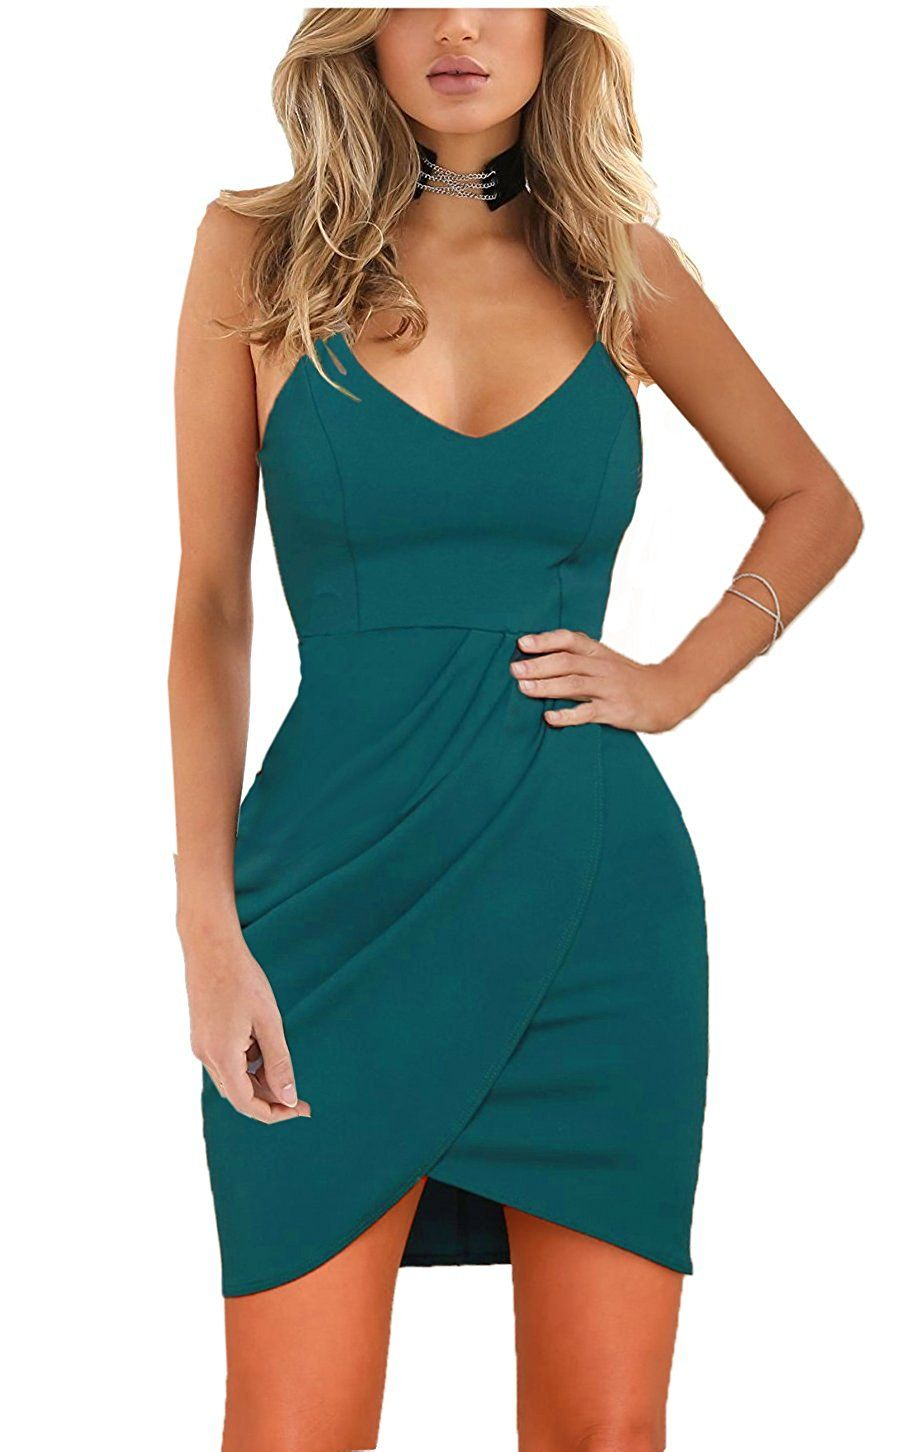 Zalalus Women\'s Bodycon Cocktail Party Dresses Plus Size Deep V Neck ...